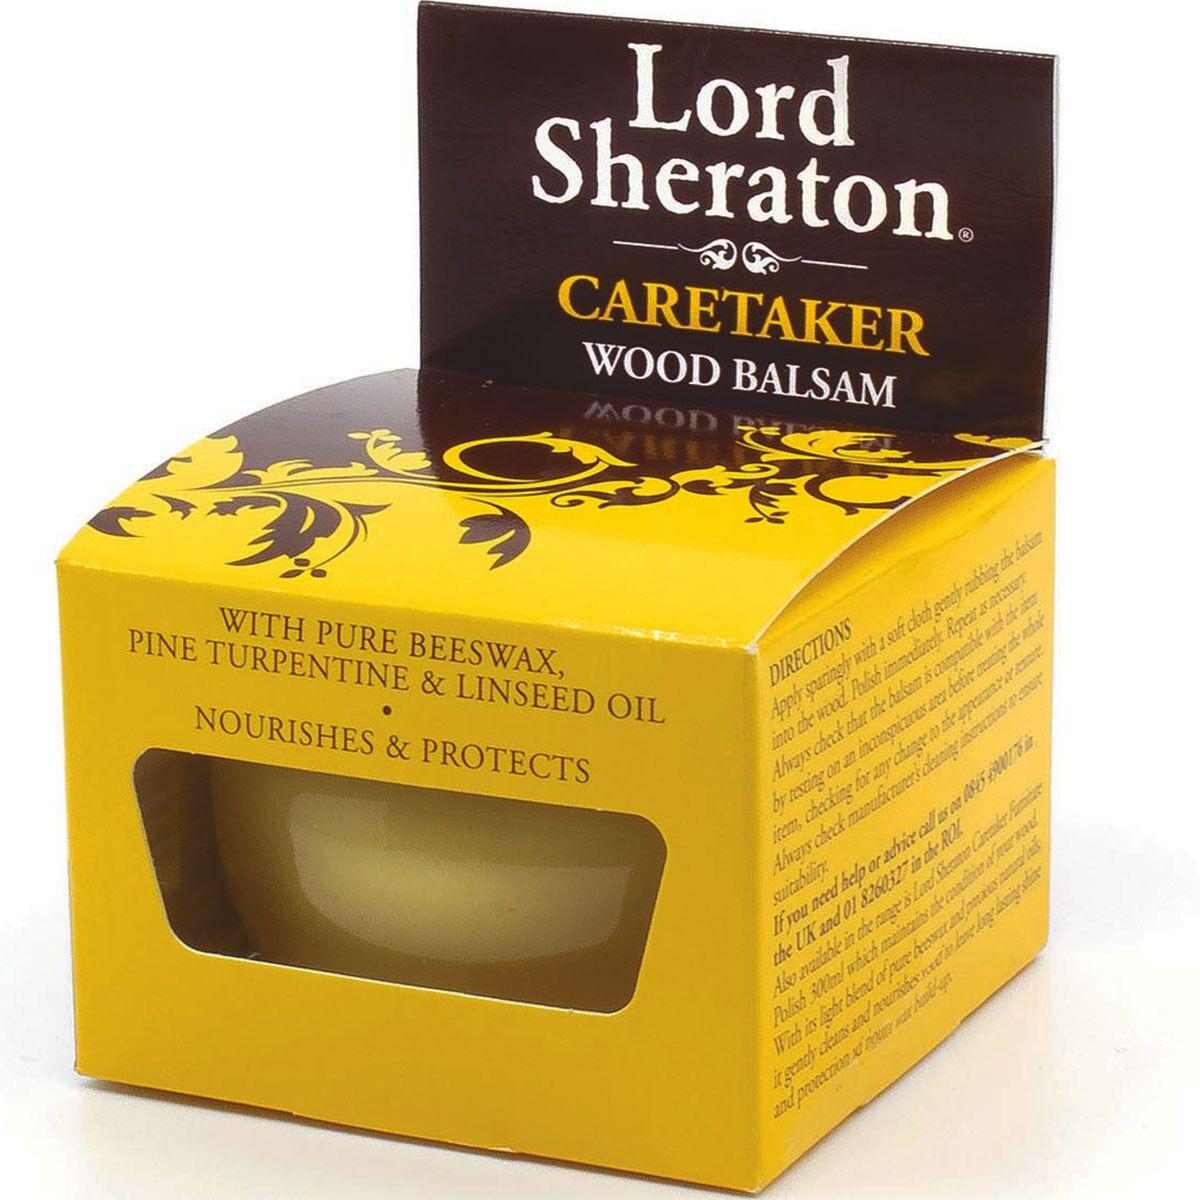 Lord Sheraton Caretaker Original Wood Balsam 75ml for 50p @ Wilko (instore / c&c £2)